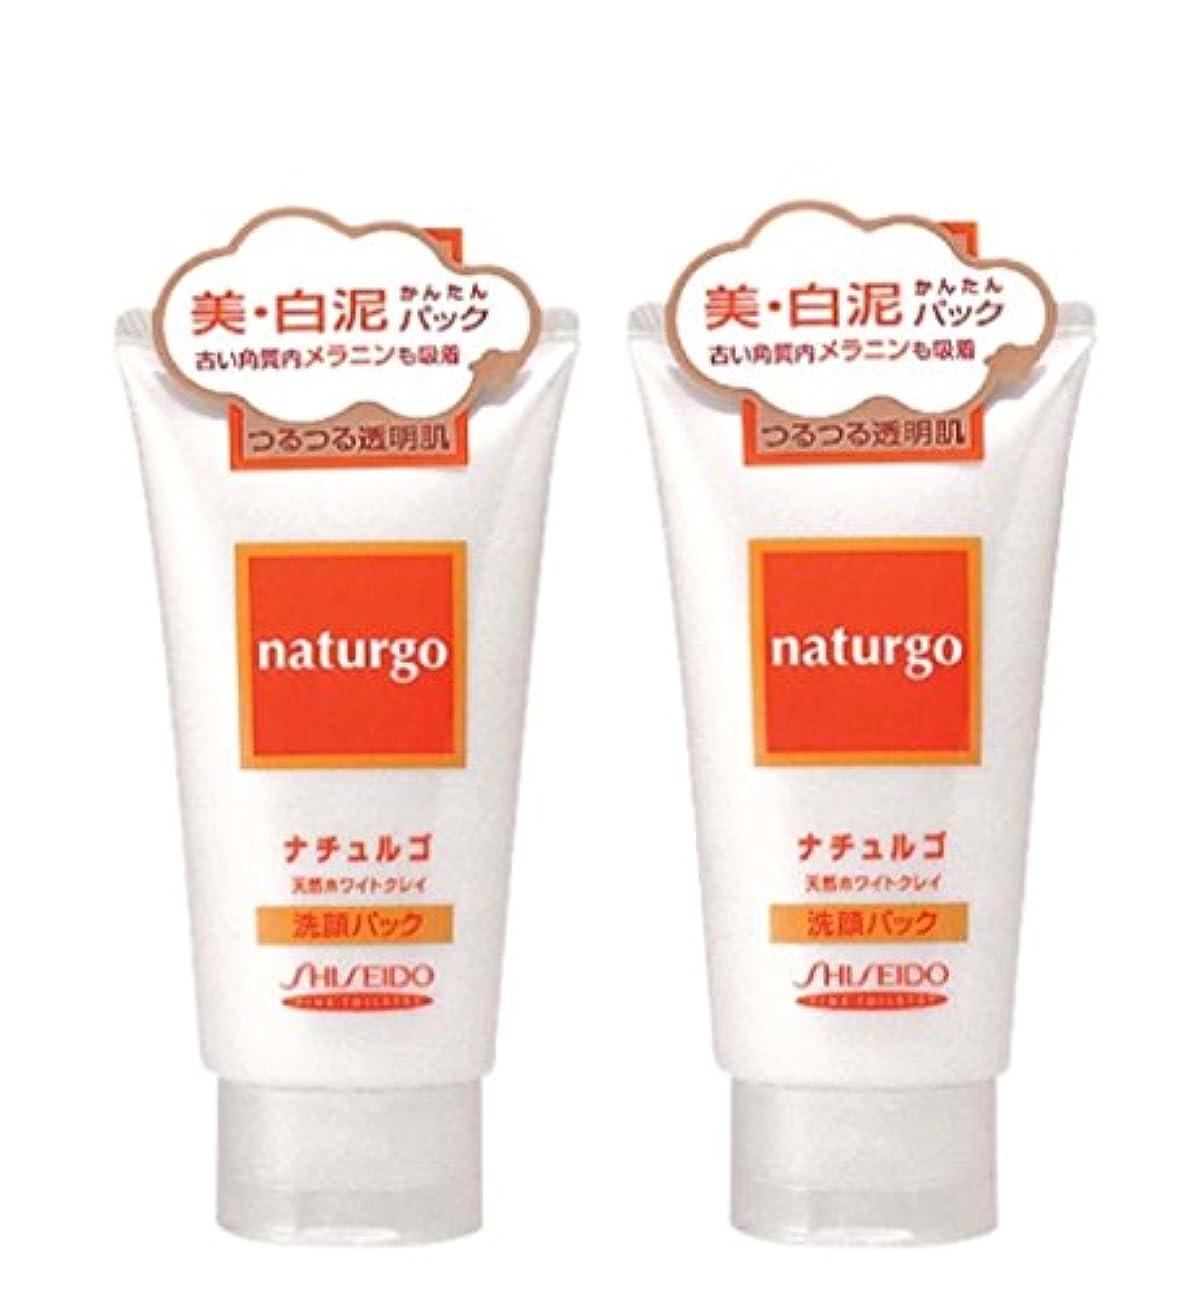 保守的禁止音声【まとめ買い】ナチュルゴ 天然ホワイトクレイ洗顔パック 120g ×2セット